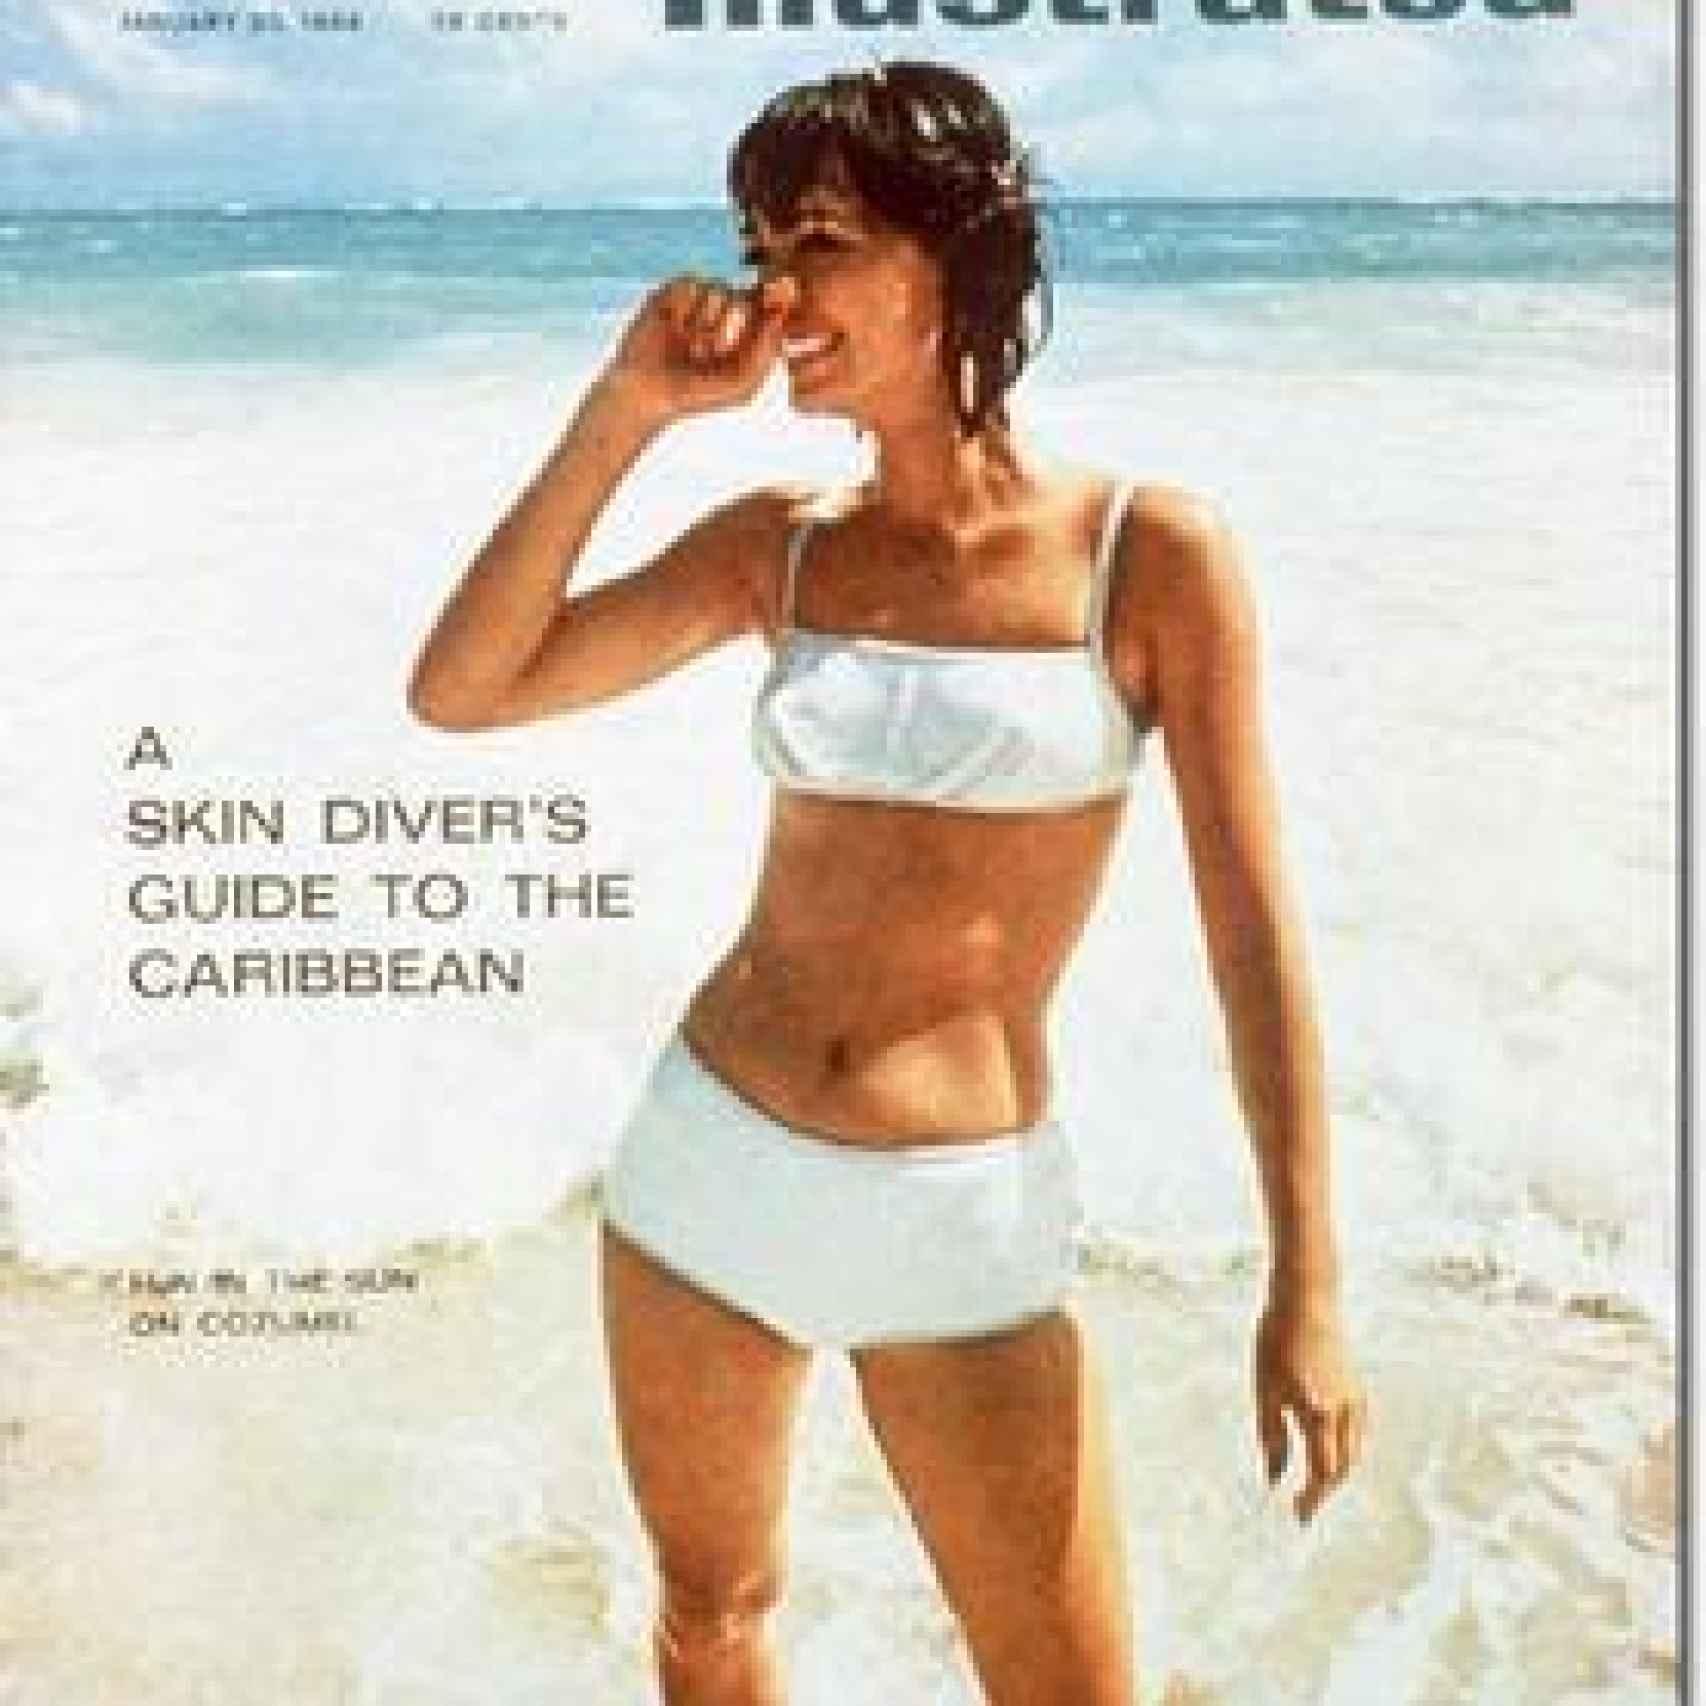 Primera portada de la revista Sports Illustrated en la que apareció una modelo en bikini.